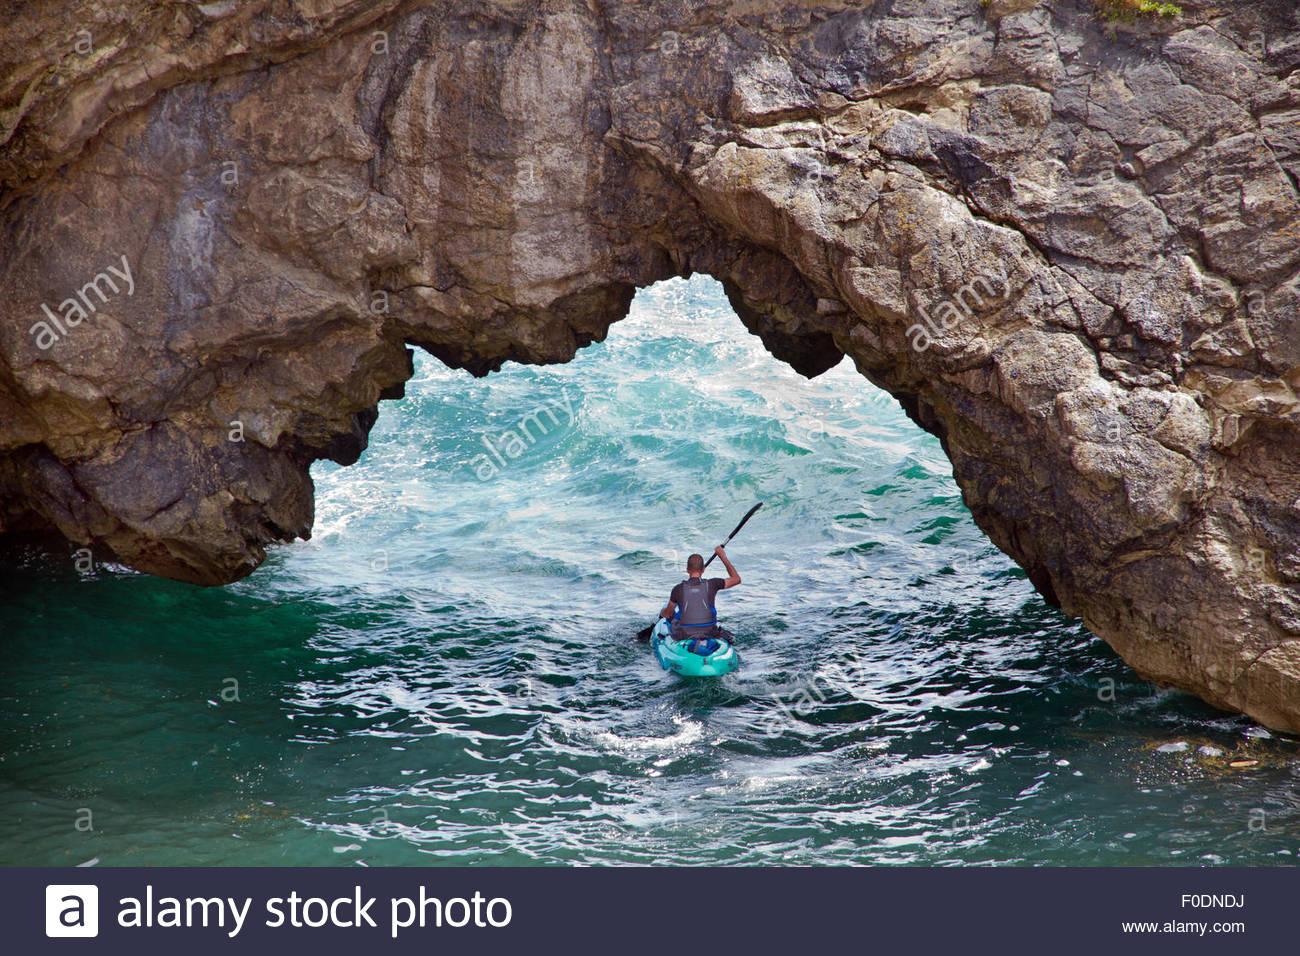 Mann Kajak aber Lücke in der Felswand. Stockbild